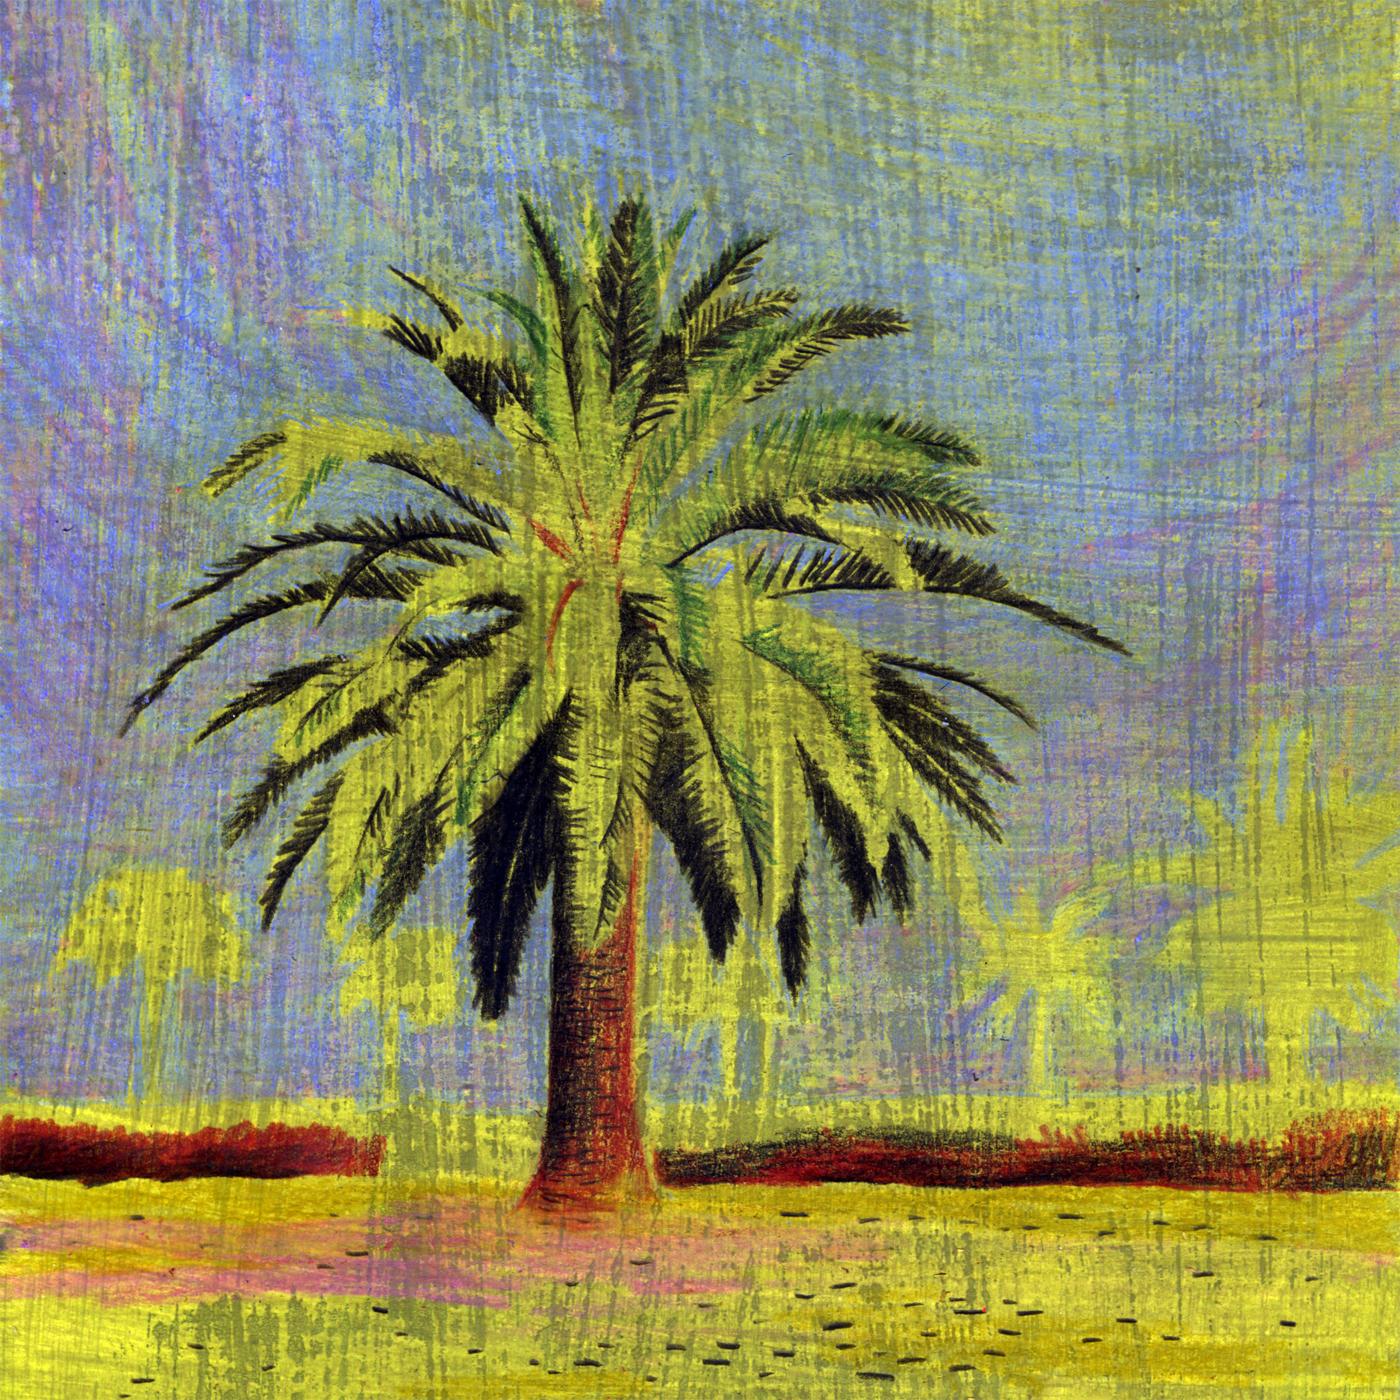 Datteln: palm tree